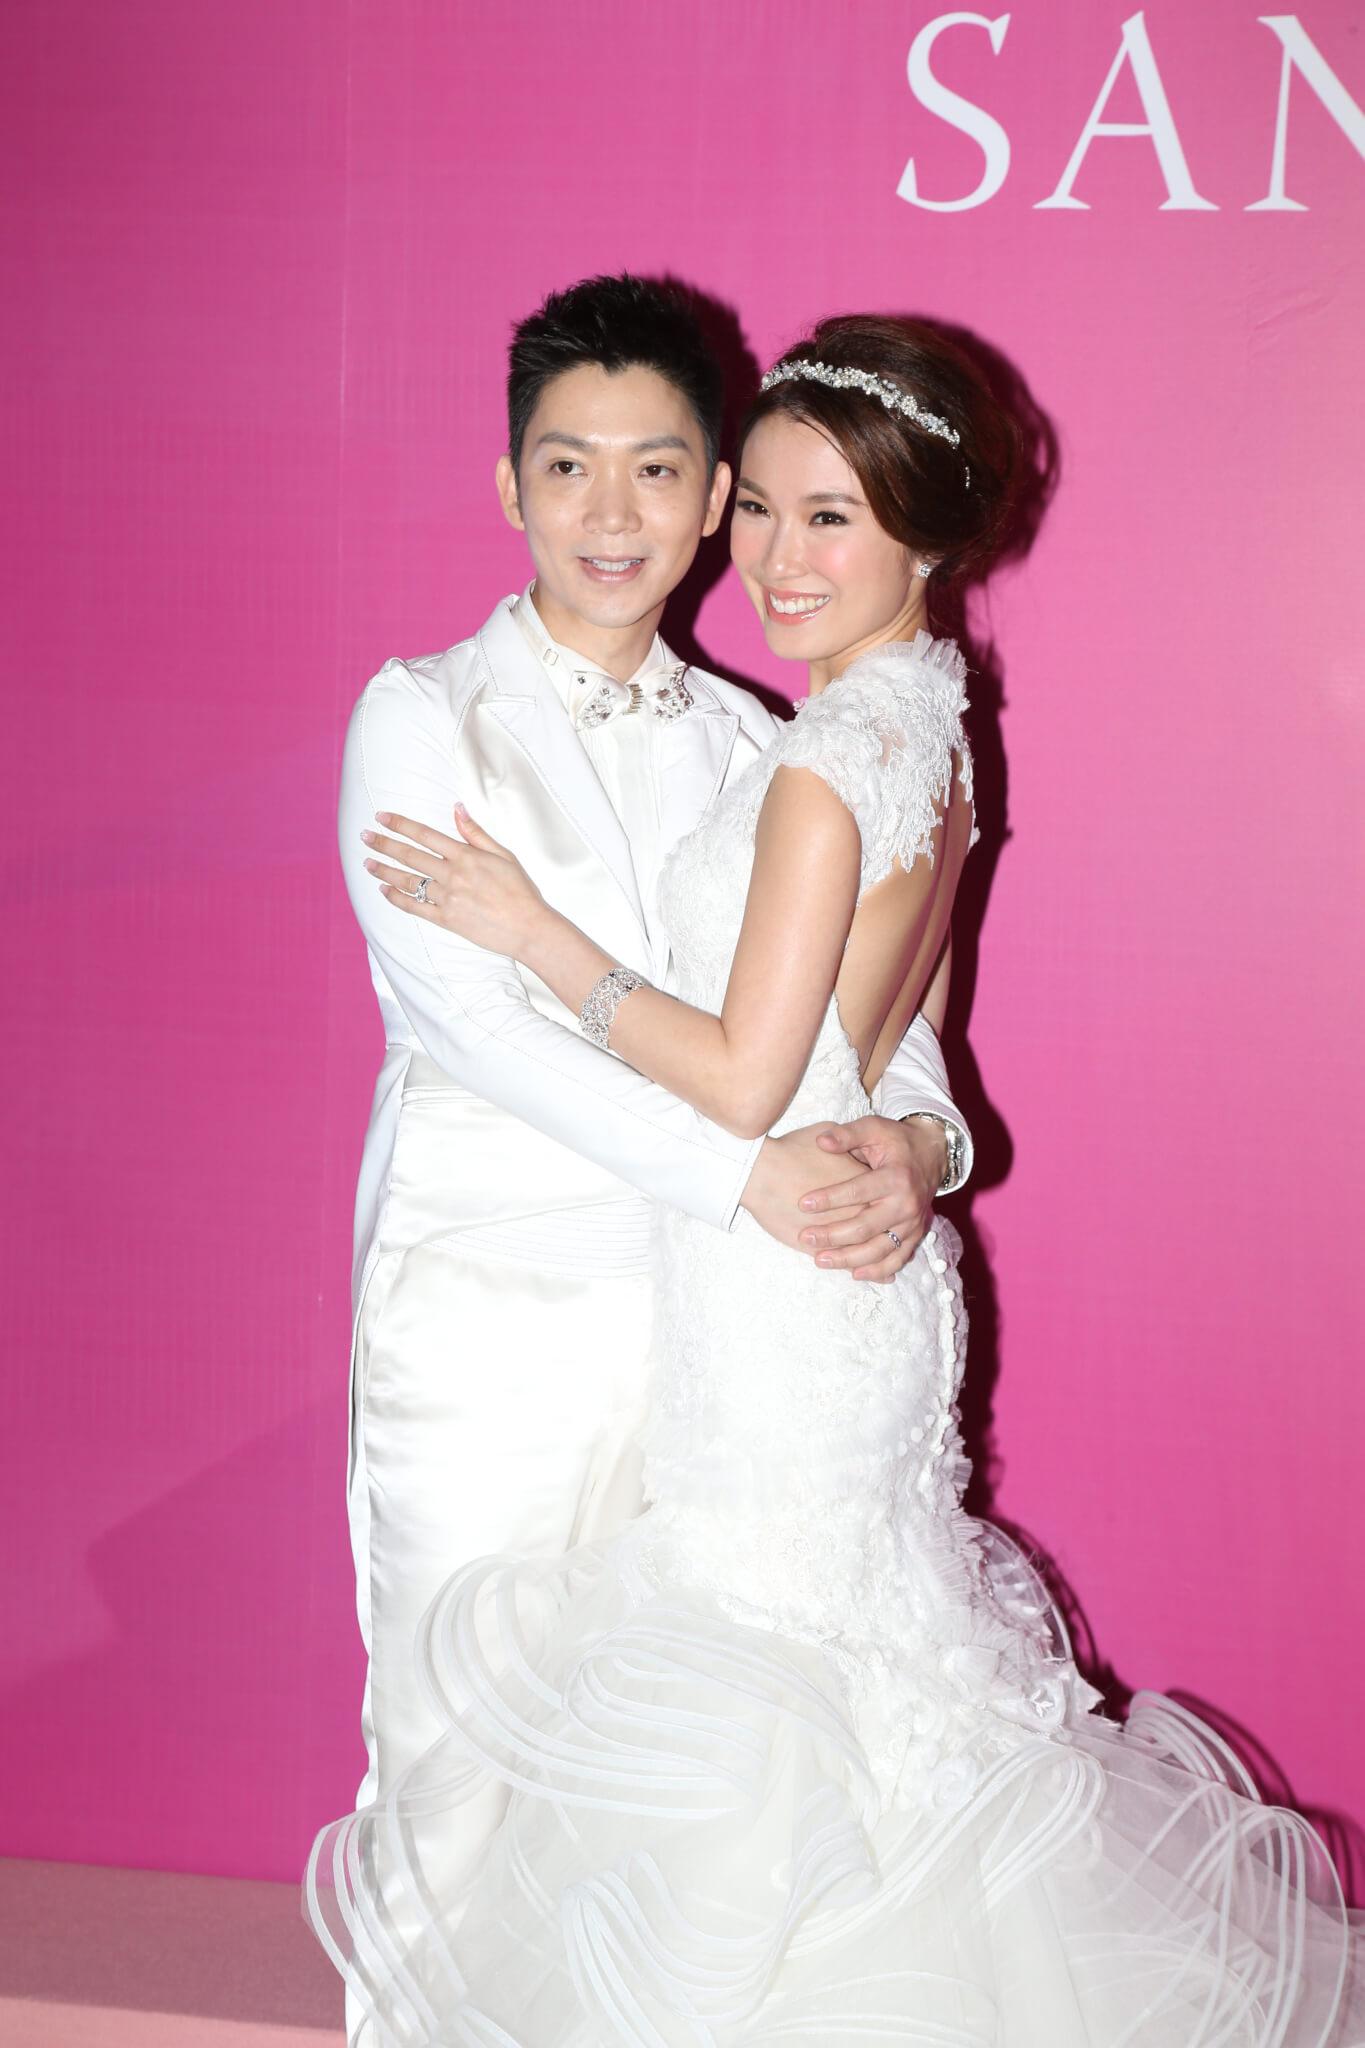 2013年2月,劉倩婷與玄學家李丞責結婚,一年後以照顧家庭為由淡出娛乐圈。